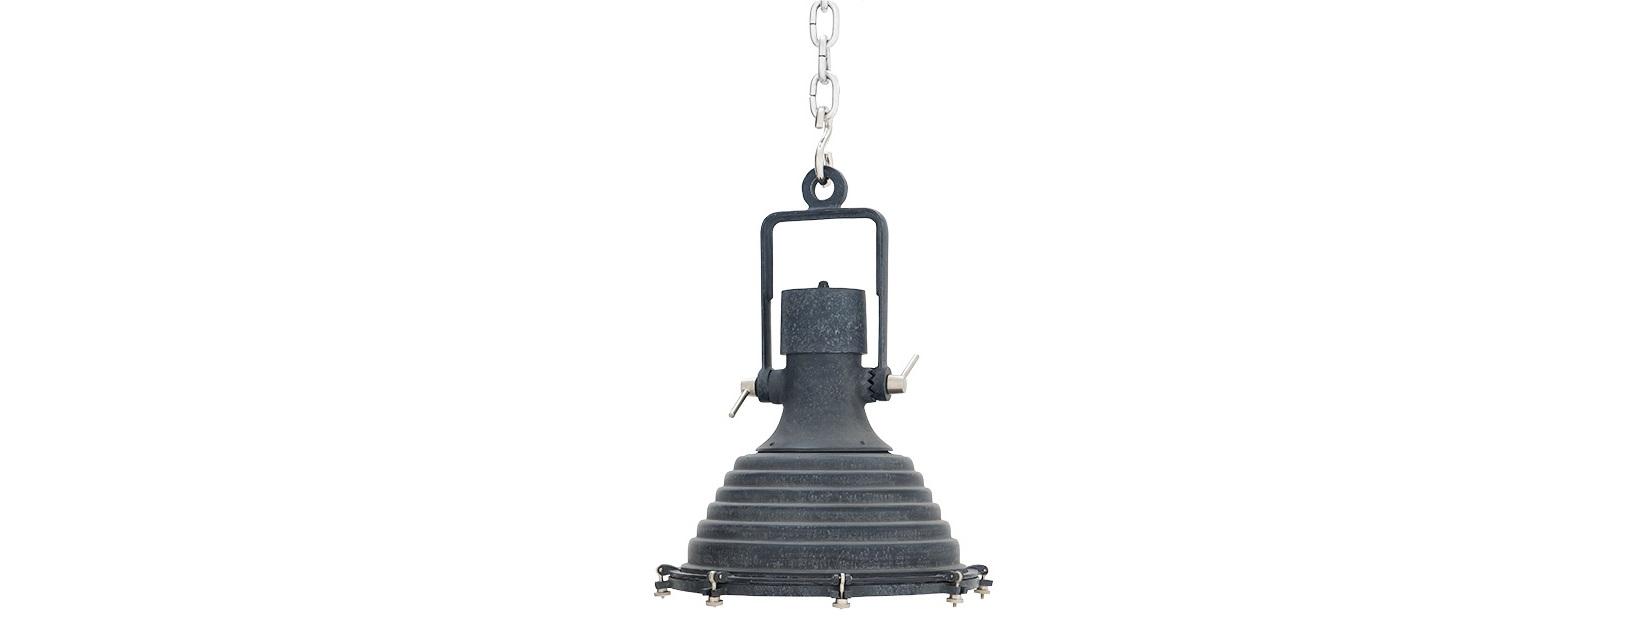 Светильник МиритаймСветильники на штанге<br>Этот оригинальный светильник вдохновлен промышленными лампами начала XX века. В его оформлении индустриальная грубость встречается с классическими пропорциями. Их объединение образует силуэт, полный винтажного очарования. Подвесив такой светильник над барной стойкой, а также обеденным или журнальным столом, вы сможете добавить дизайну пространства брутальность.&amp;lt;div&amp;gt;&amp;lt;br&amp;gt;&amp;lt;/div&amp;gt;&amp;lt;div&amp;gt;Цоколь: E14.&amp;lt;/div&amp;gt;&amp;lt;div&amp;gt;Мощность: 40W.&amp;lt;/div&amp;gt;<br><br>Material: Металл<br>Length см: 64<br>Diameter см: 48